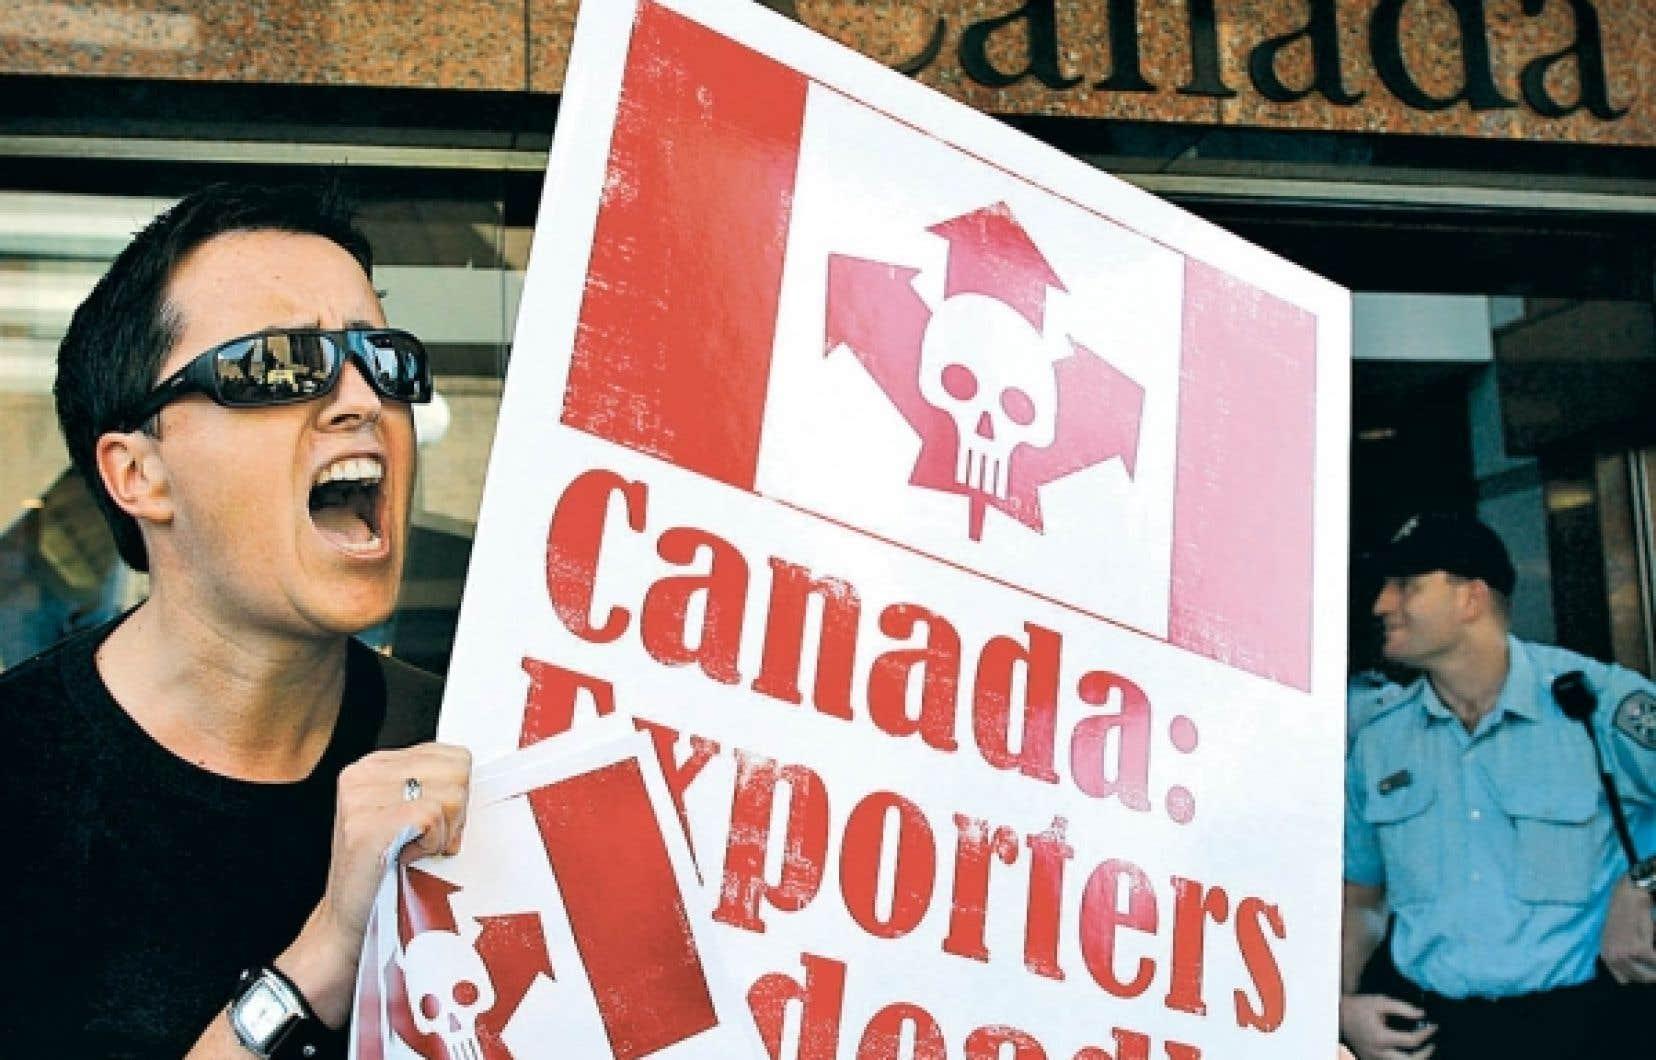 En Australie, des manifestants dénoncent l'appui du gouvernement canadien à l'exportation d'amiante.